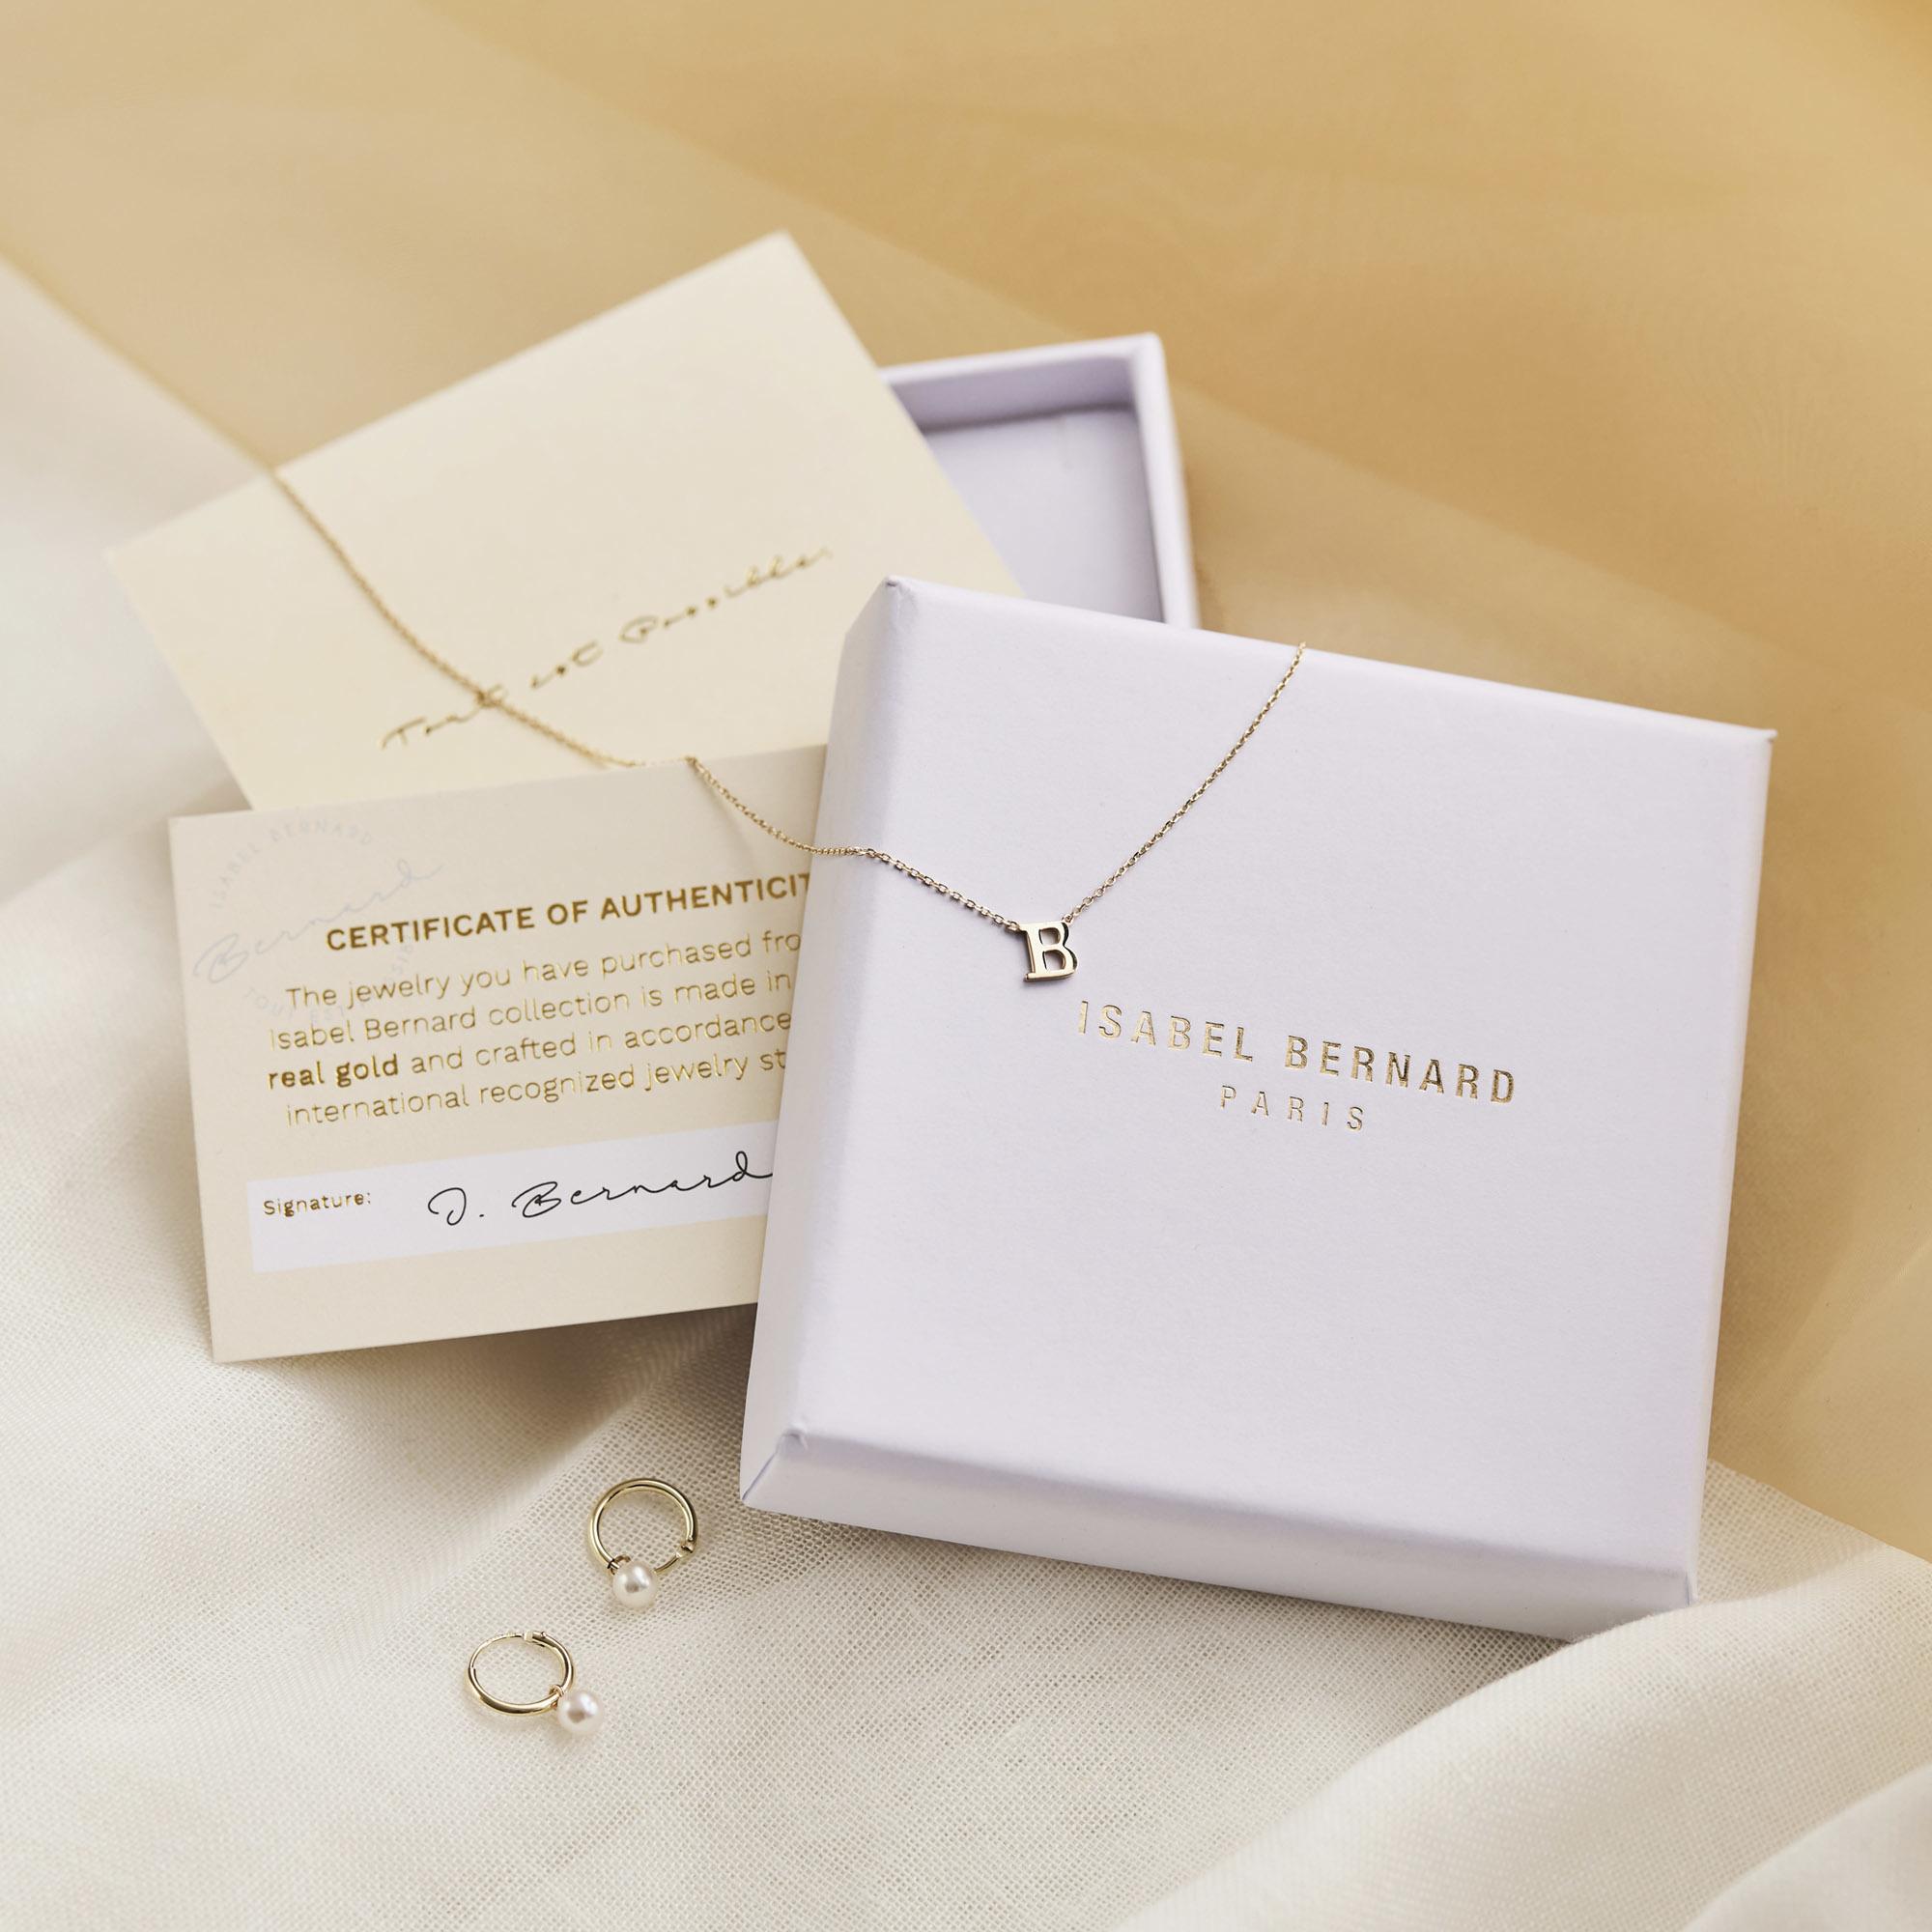 Isabel Bernard Saint Germain Rachel 585er Weißgold Armband mit Initialen Buchstaben